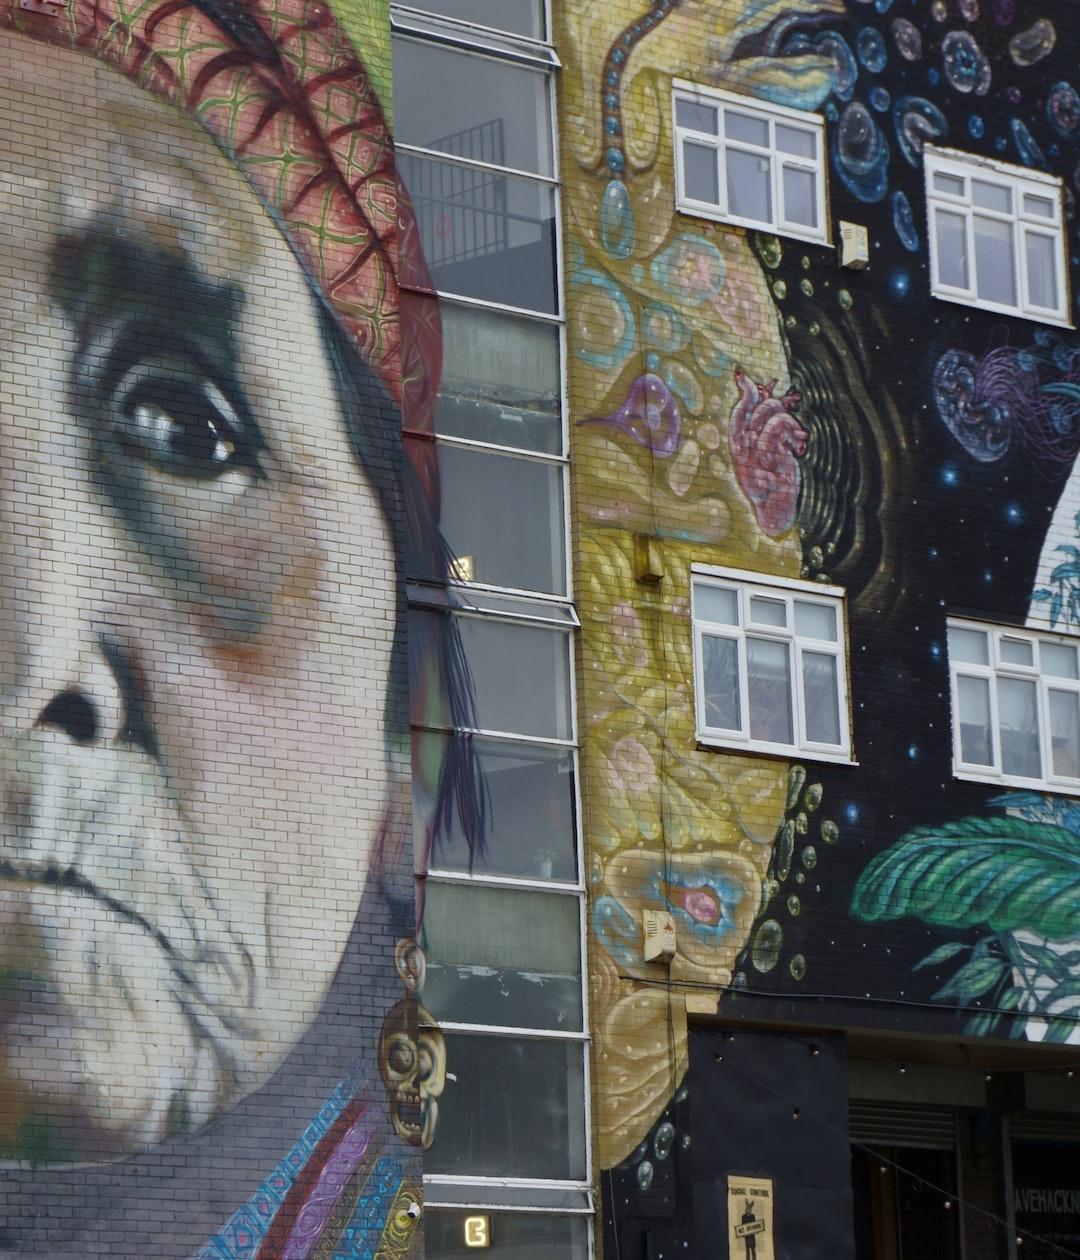 Hackney, East London. Old Native American Woman. Mural.